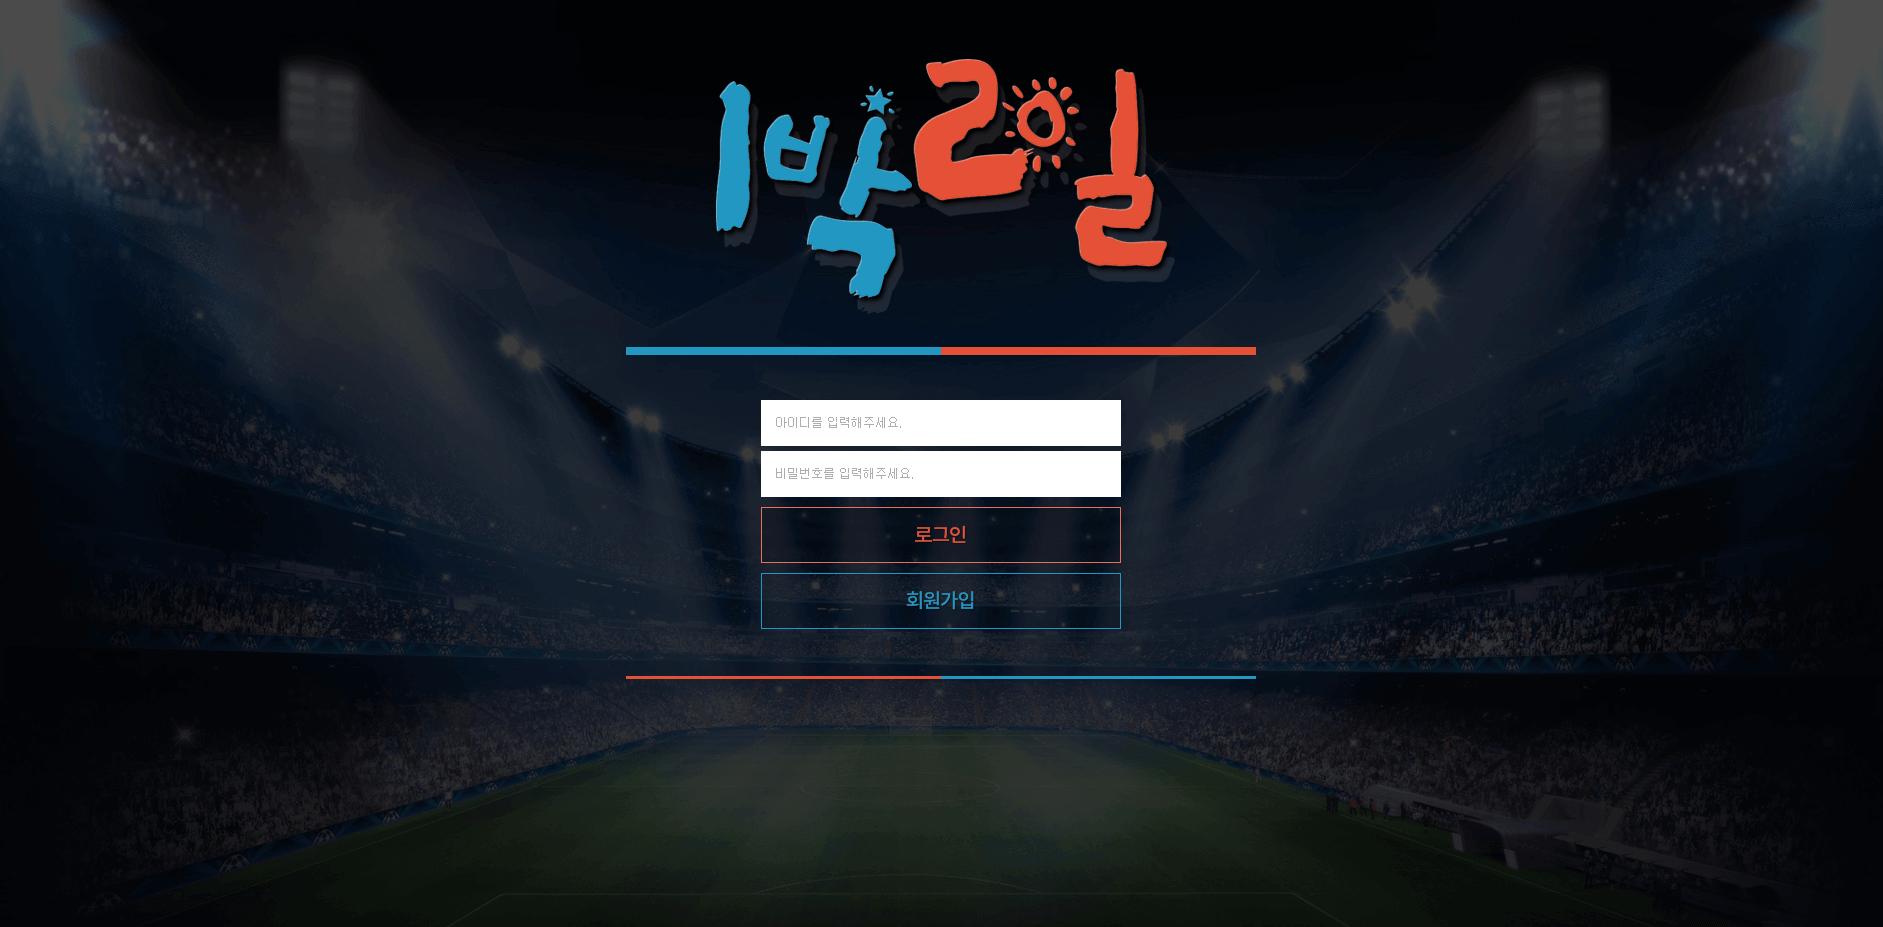 [먹튀검증]1박2일 onebak2.com 먹튀사이트확정 토토사이트 먹튀검증업체 토토안내소